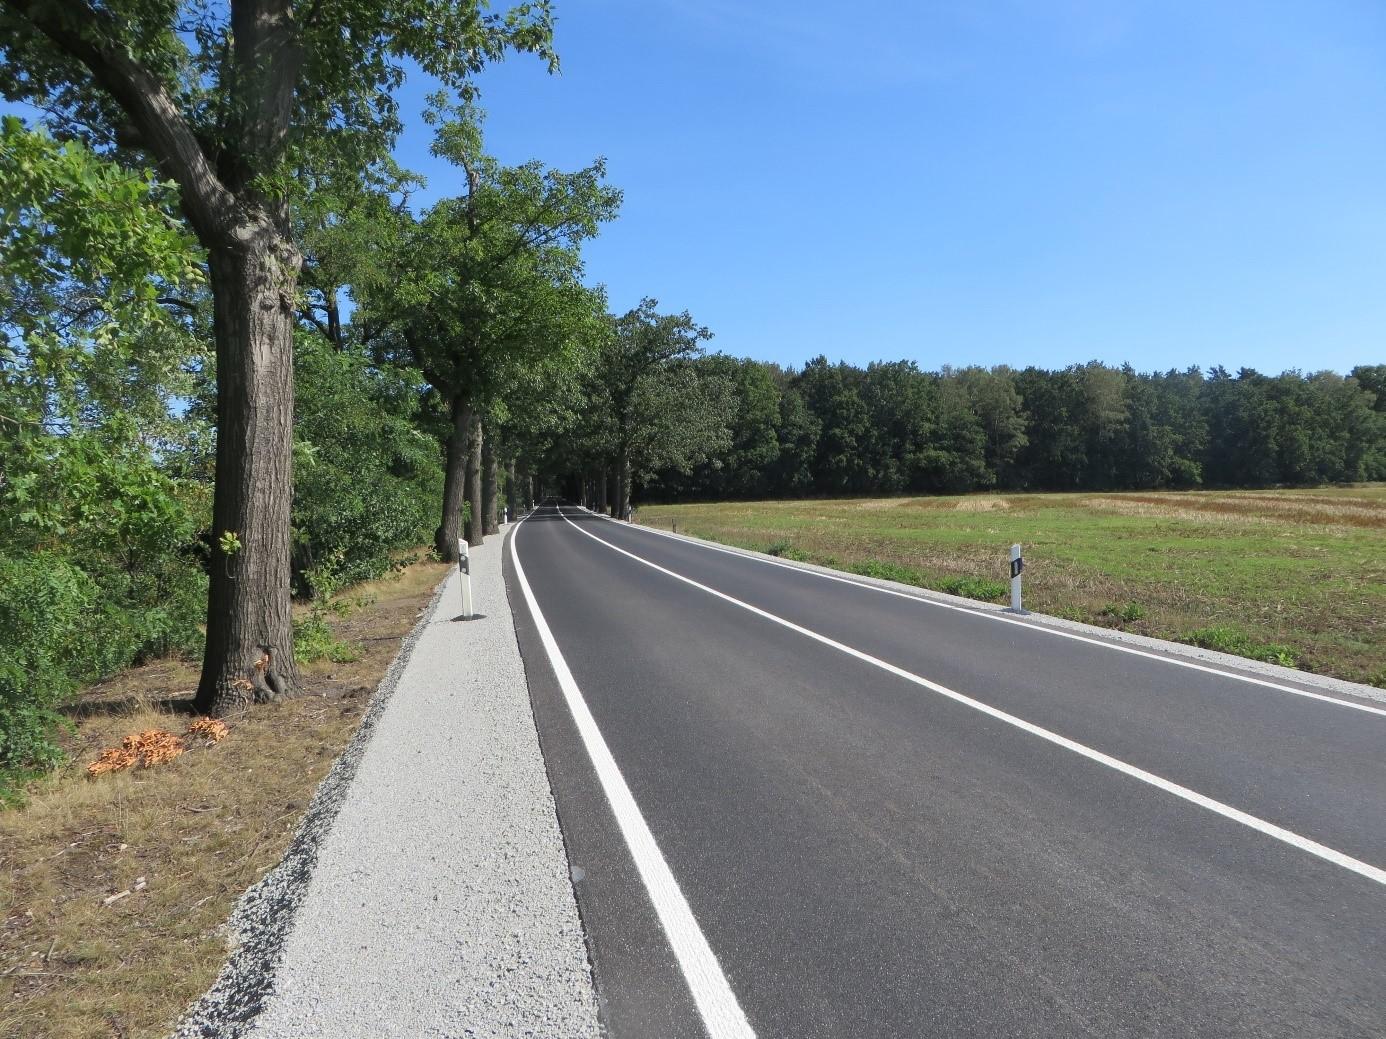 S 92 Richtung Bernsdorf, freie Strecke